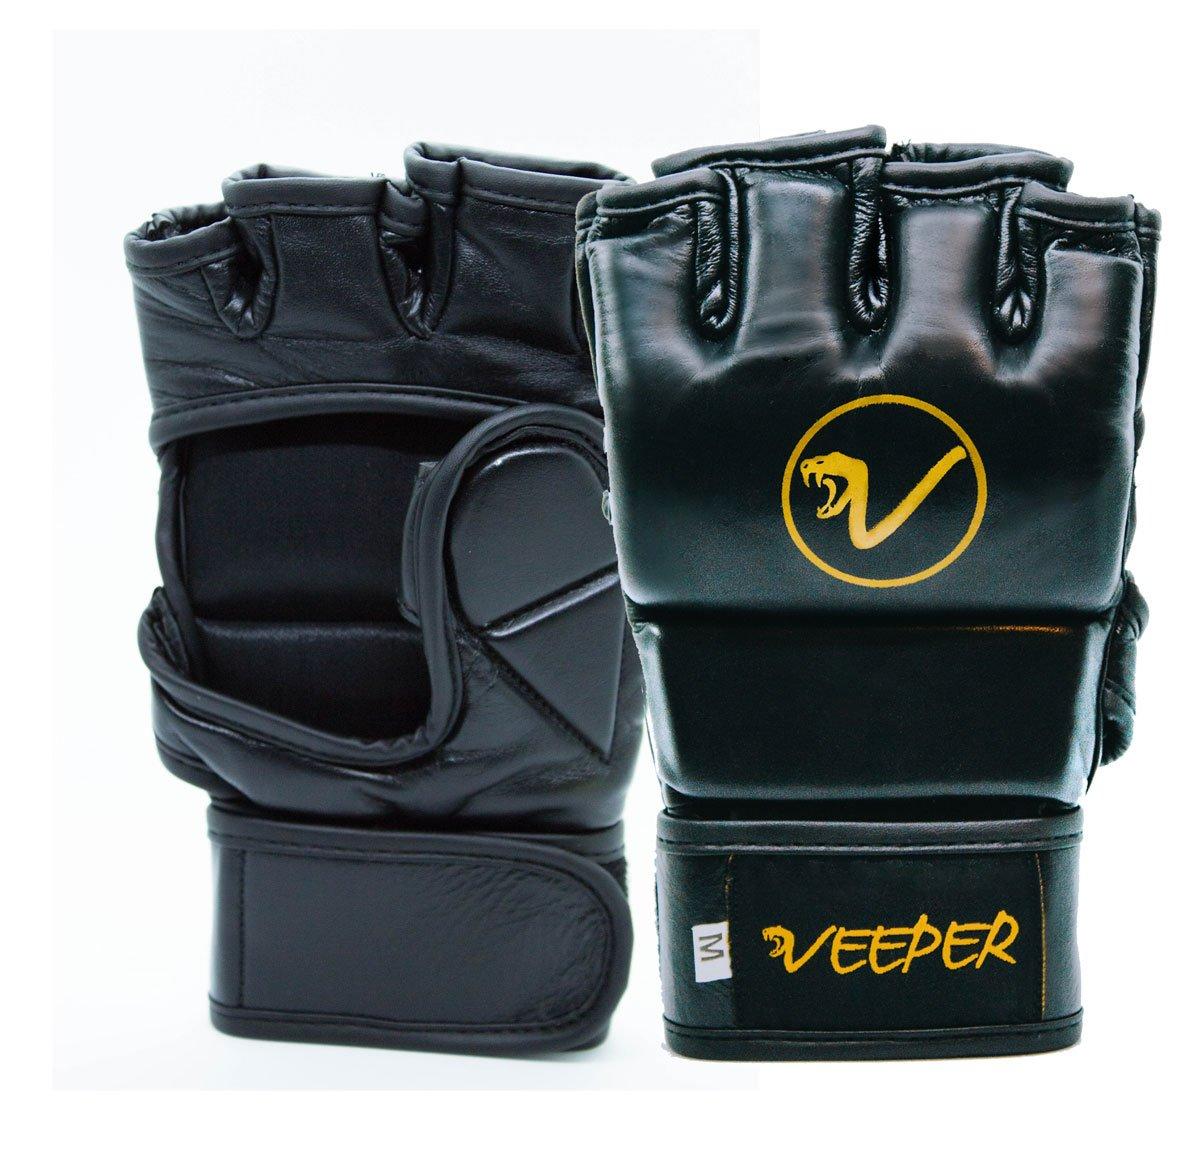 VEEPER® One MMA Handschuhe (L) 4 OZ - Premium MMA Boxhandschuhe Echtleder Grappling Sandsackhandschuhe Ballhandschuhe